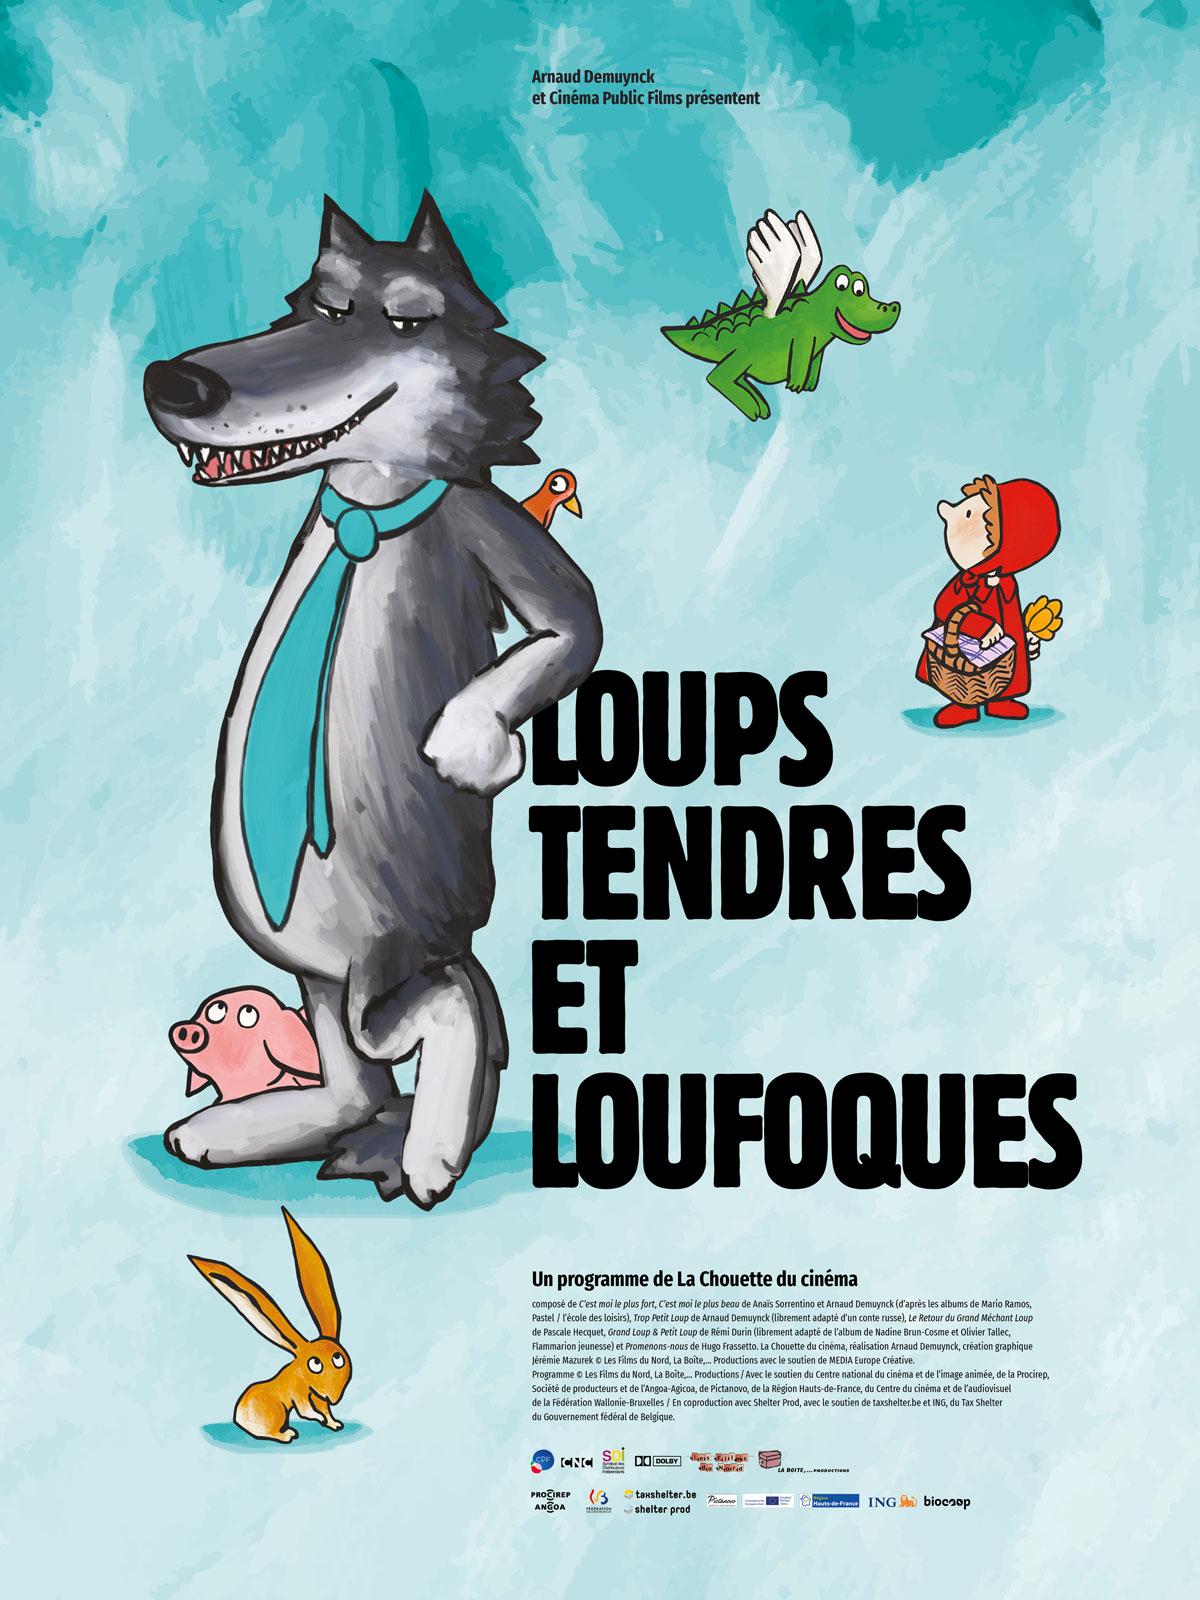 """Résultat de recherche d'images pour """"loups tendres et loufoques"""""""